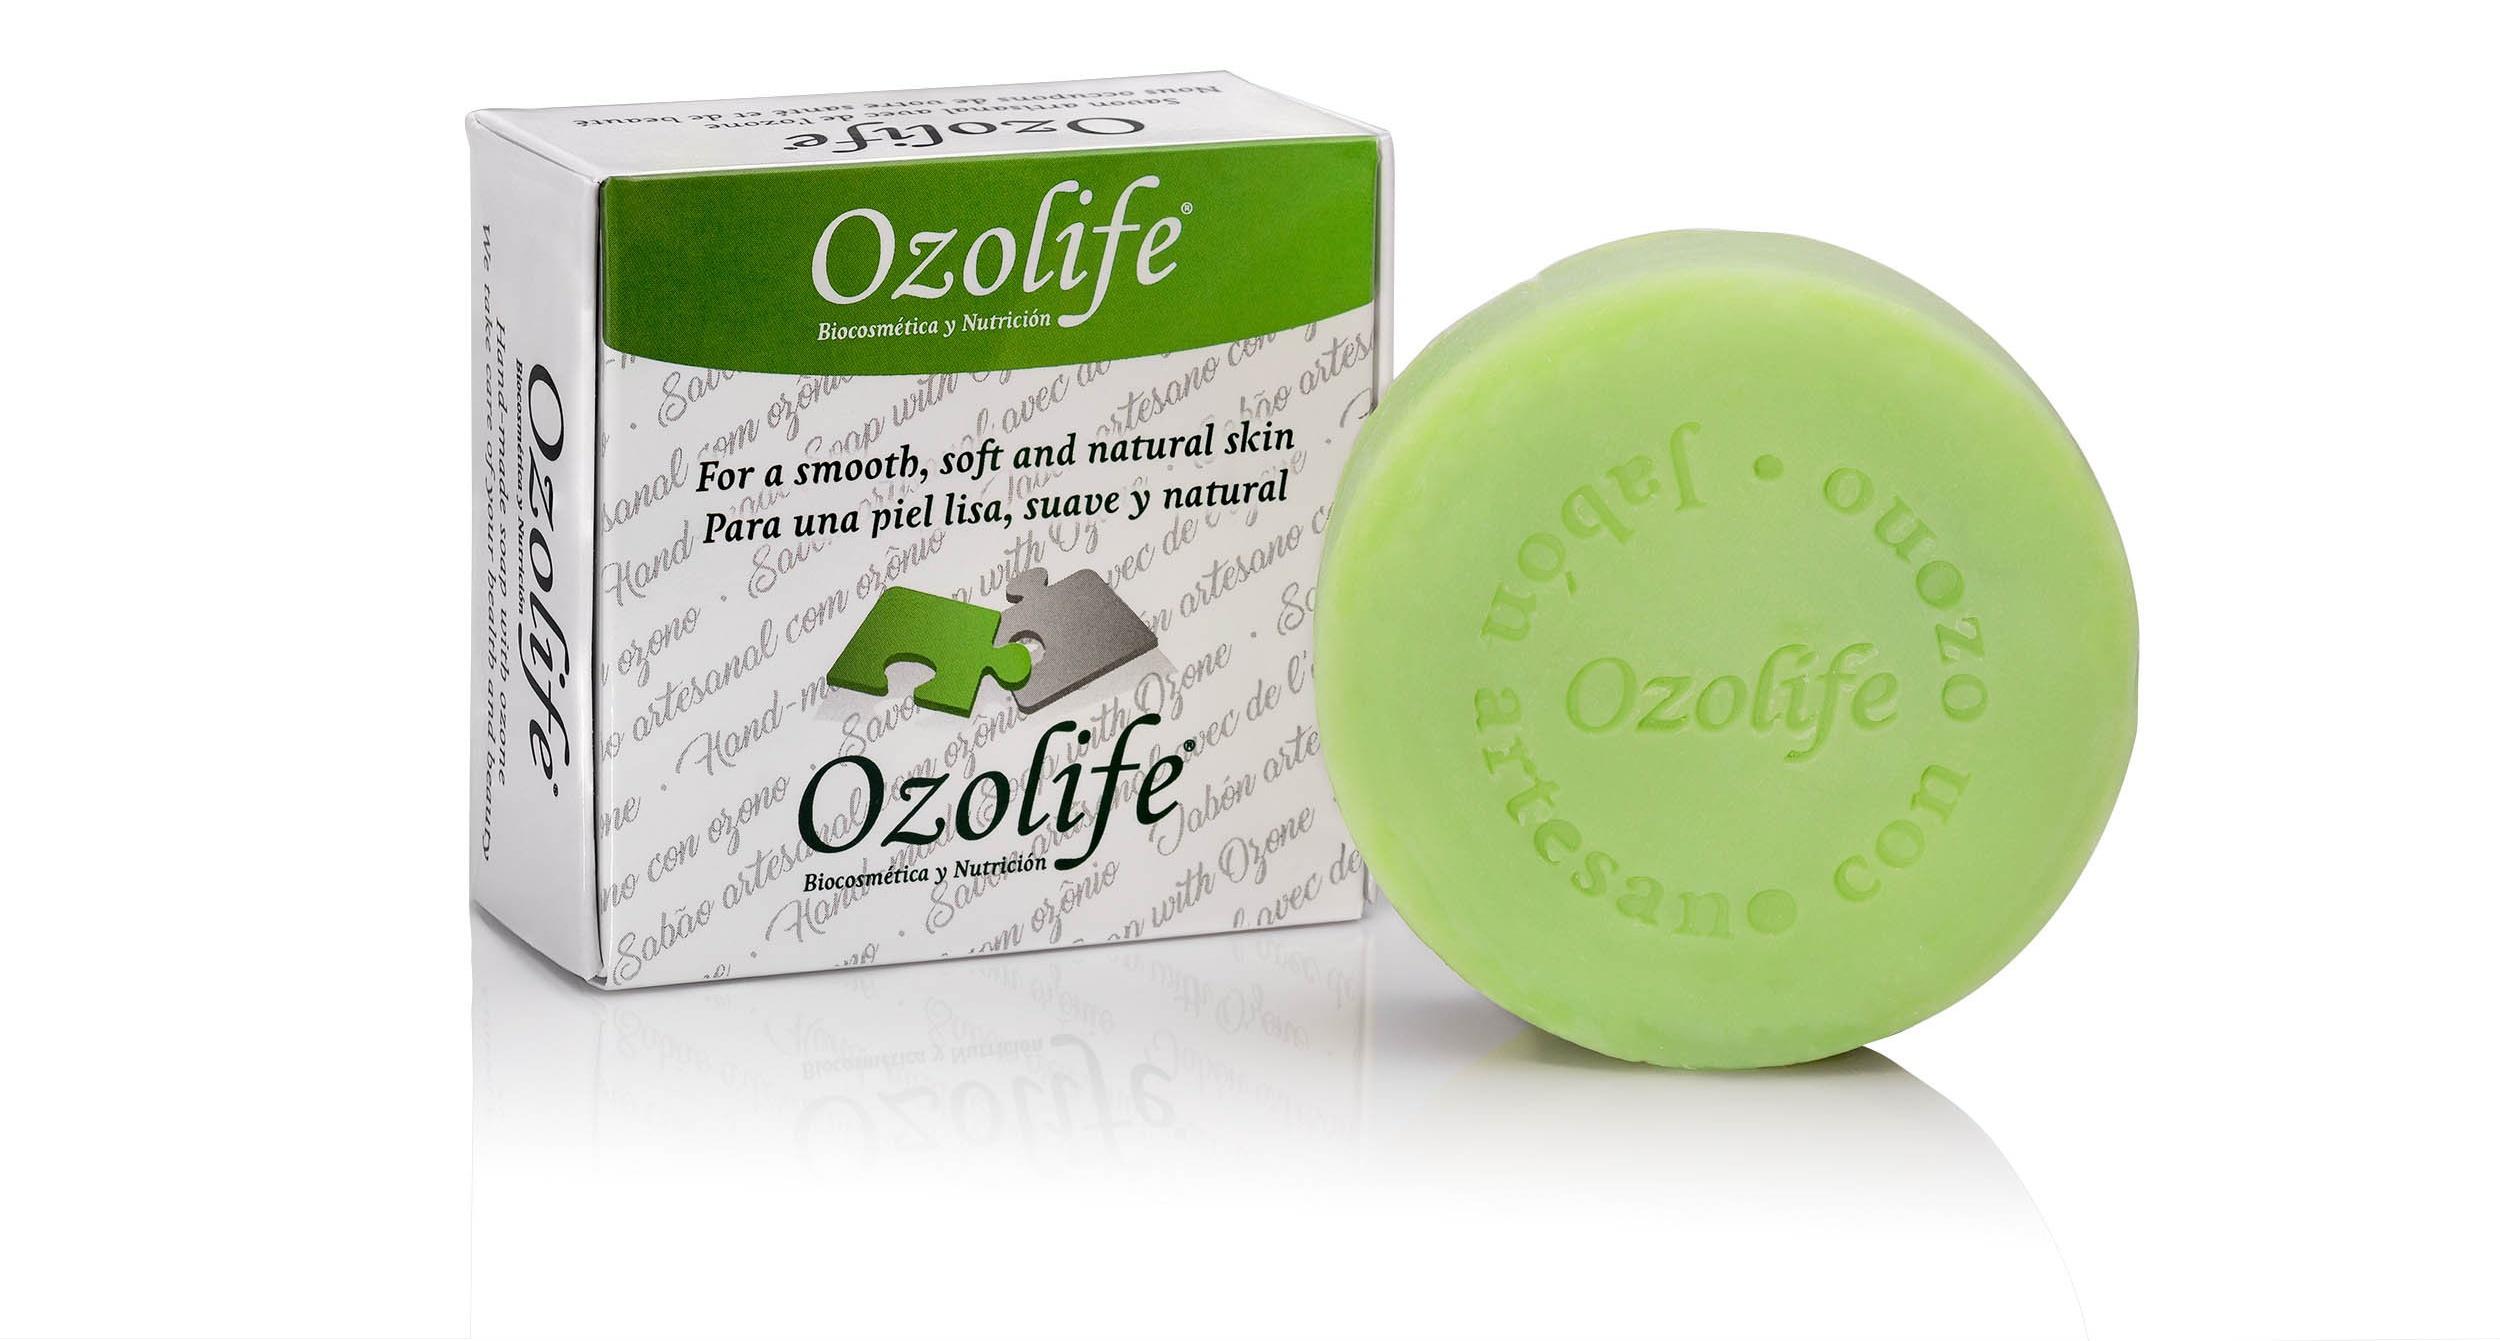 OZONO D'OR Jabón De Ozono